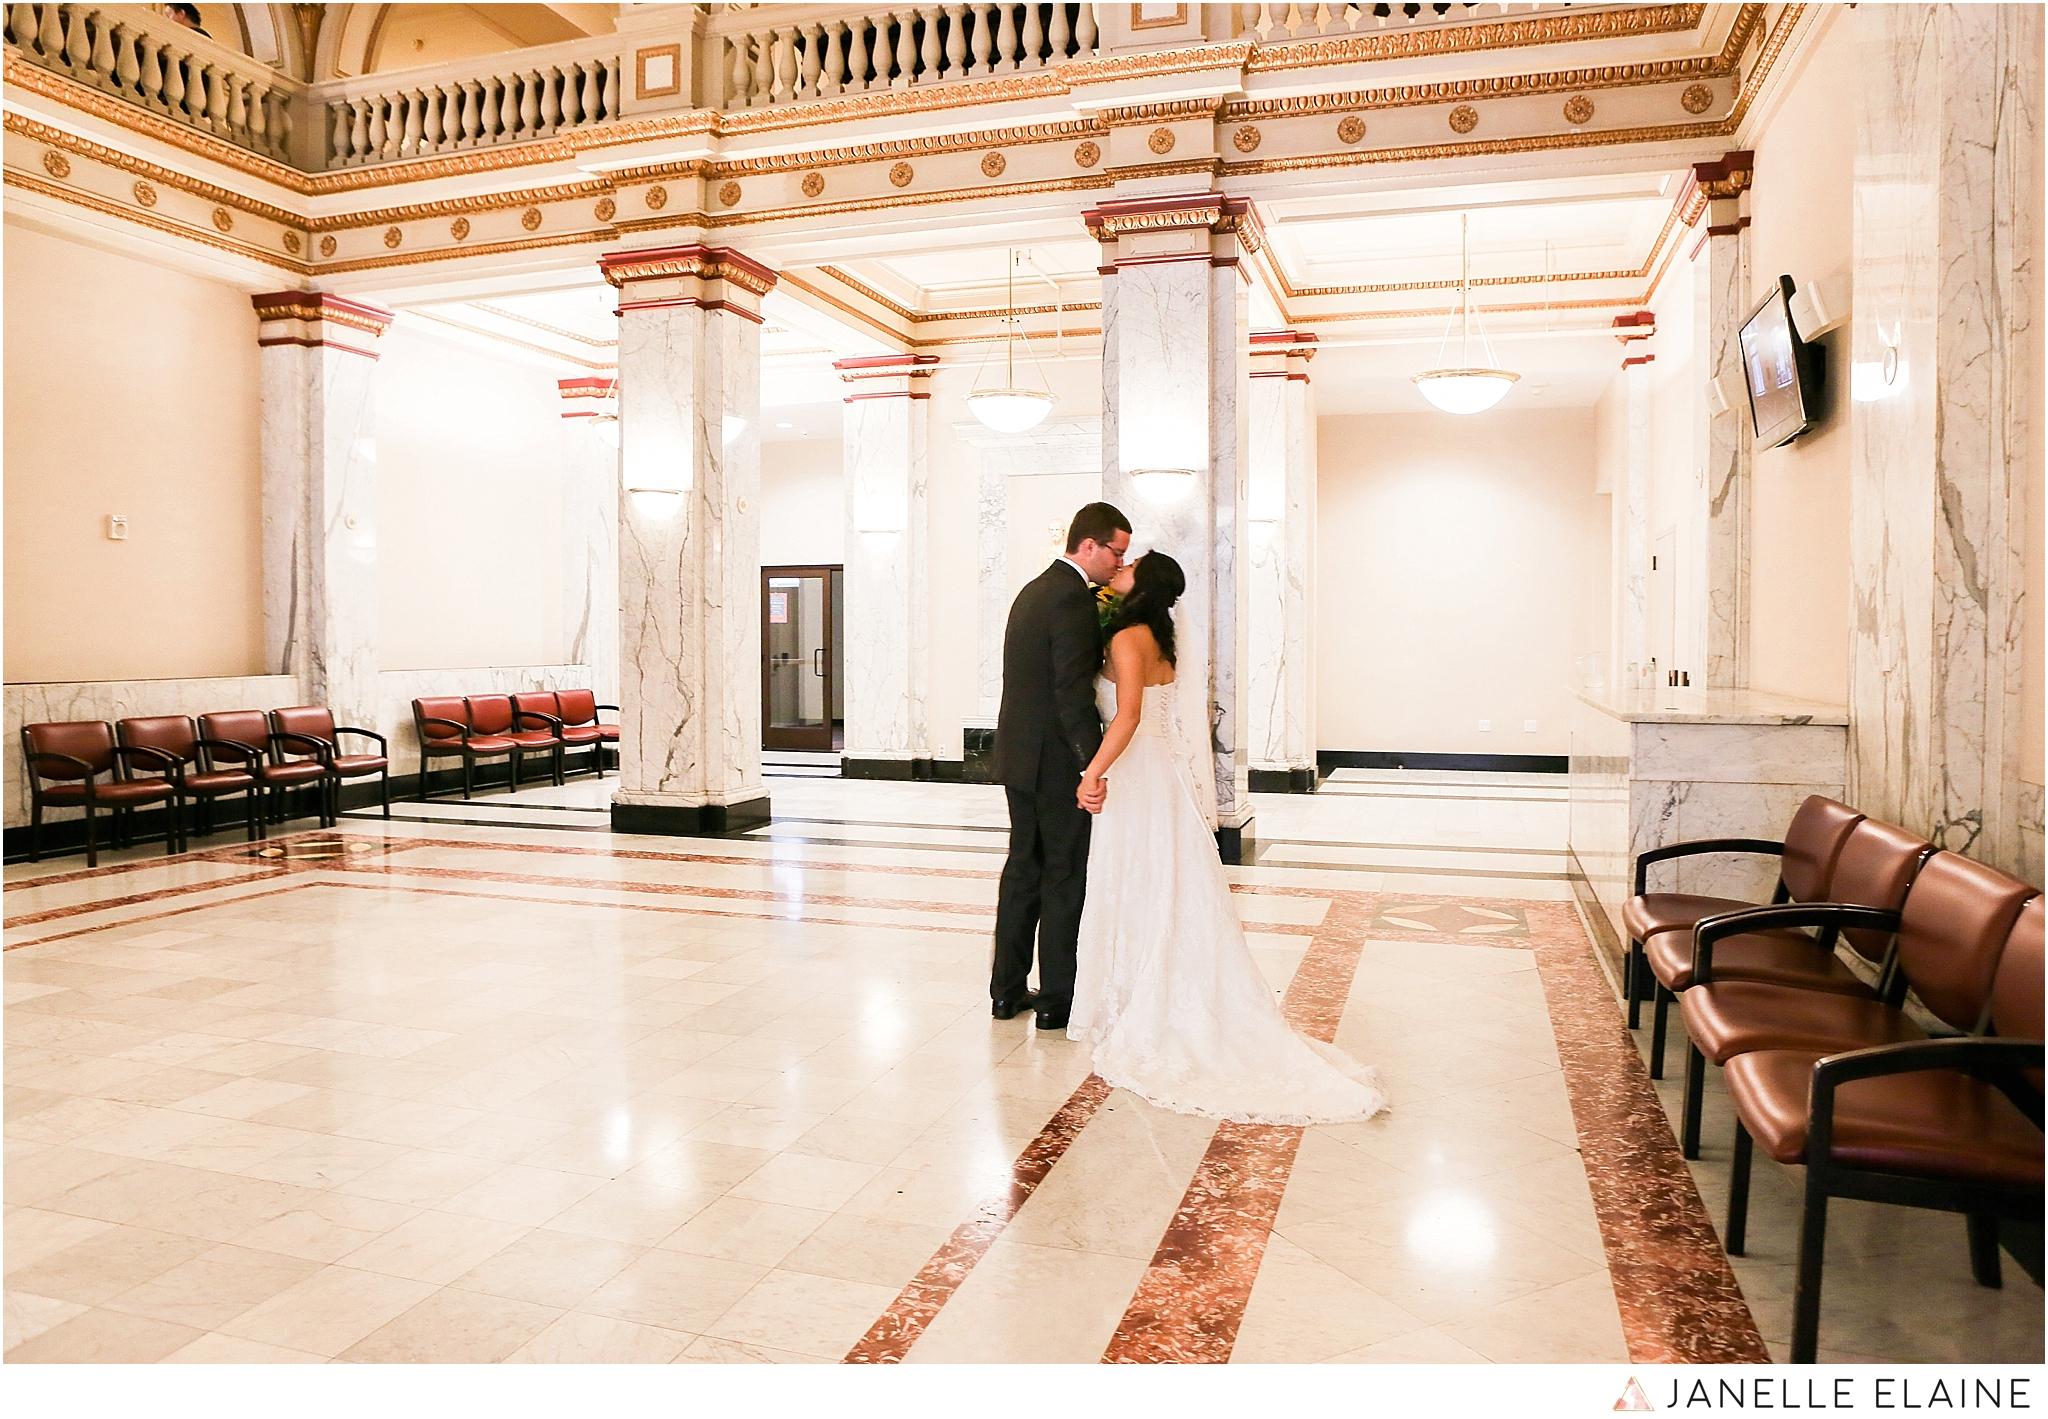 janelle elaine photography-professional wedding photographer seattle--53.jpg